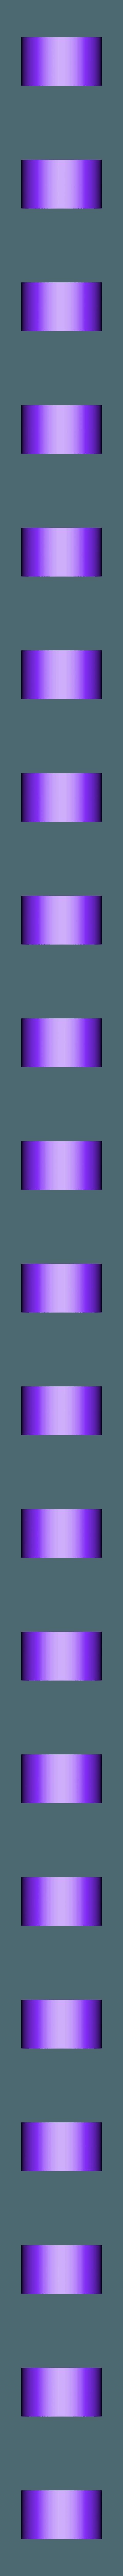 Torso-Pin.stl Télécharger fichier STL gratuit Big Optimus Prime! - Modèle multi-matériaux • Plan pour imprimante 3D, ChaosCoreTech